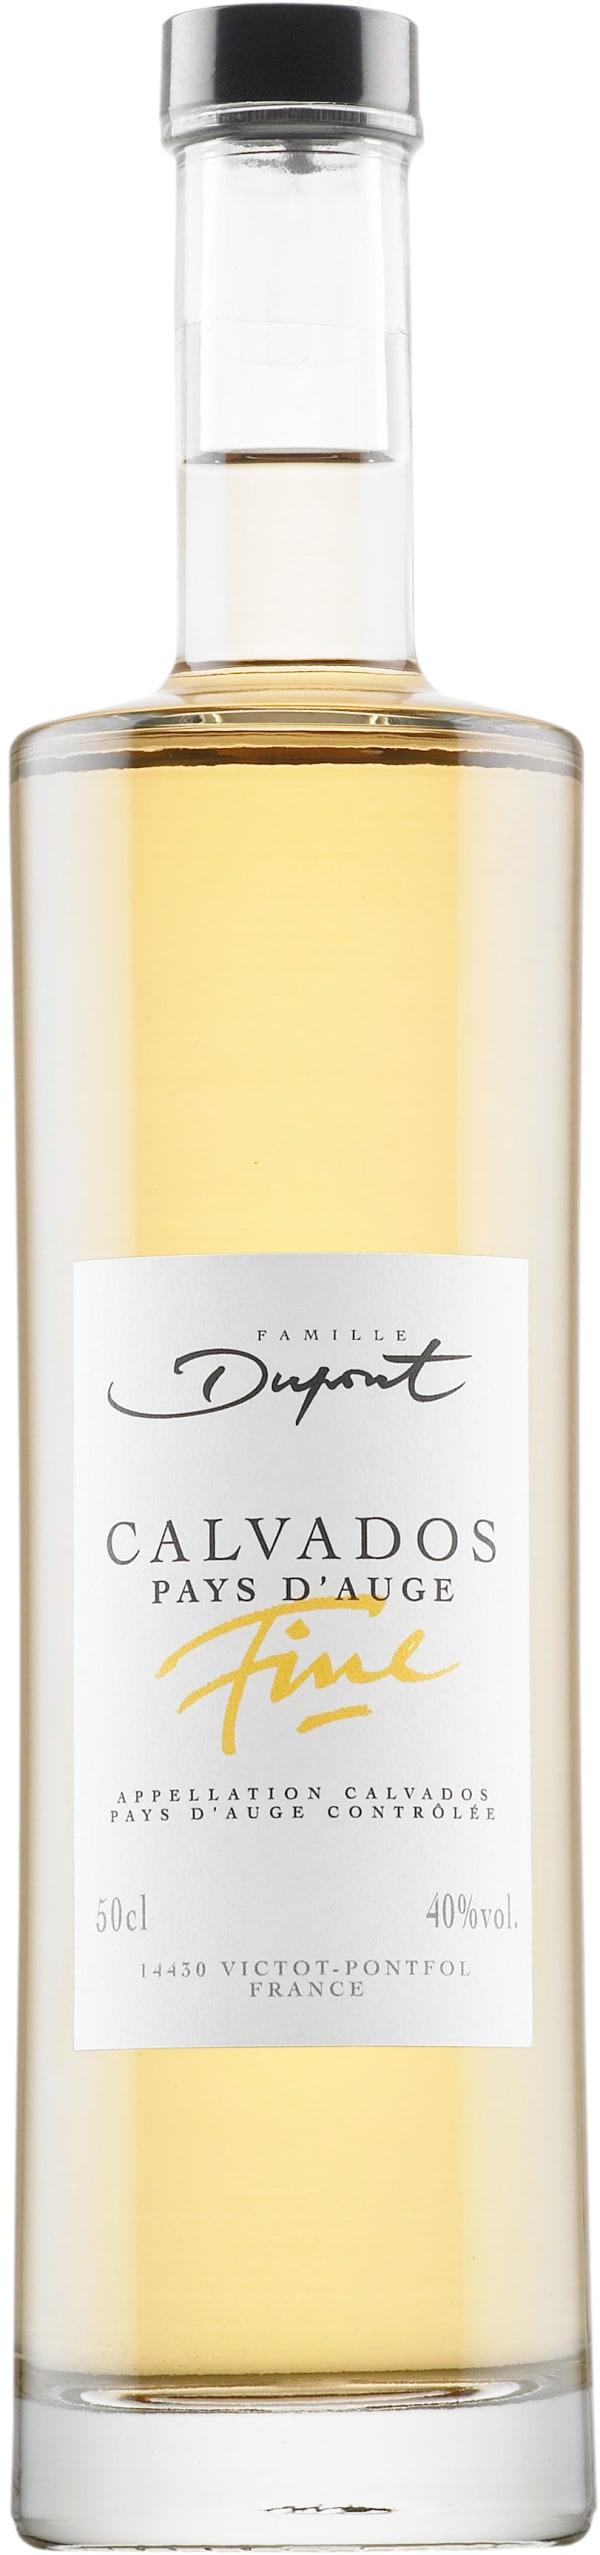 Dupont Fine Calvados